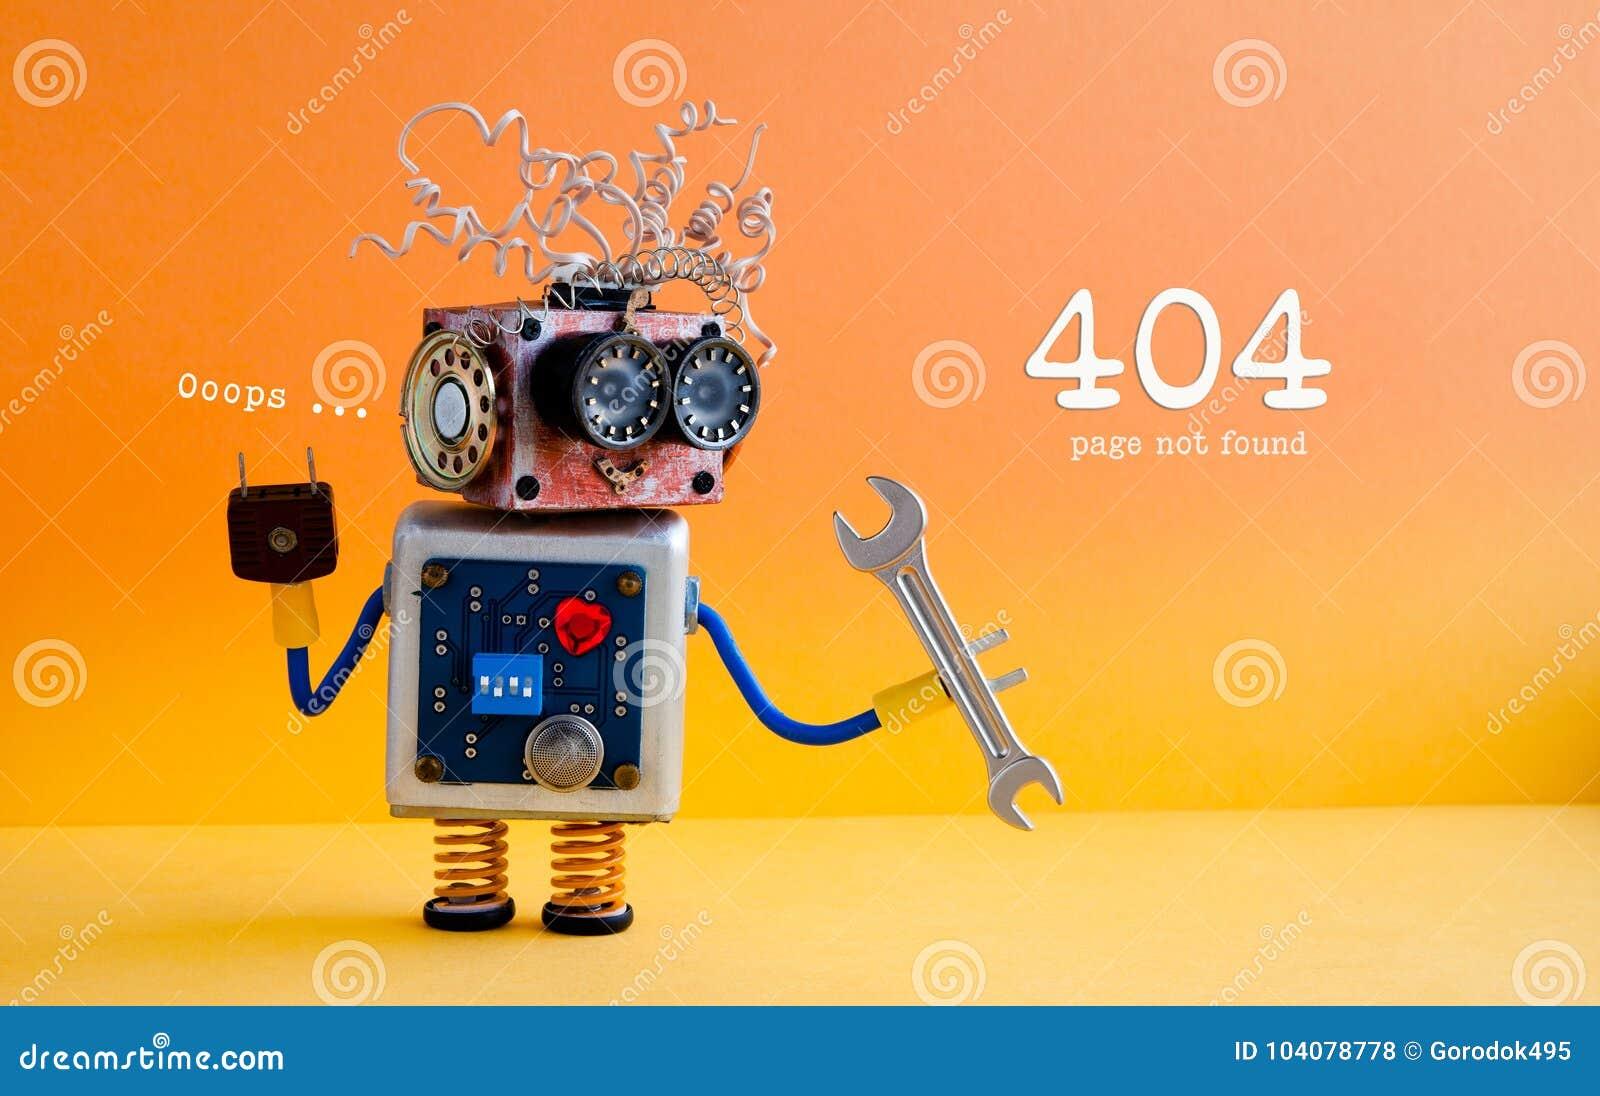 Begrepp för sida för fel 404 funnit inte Vänlig galen robotfaktotum med handskiftnyckeln på gul orange bakgrund